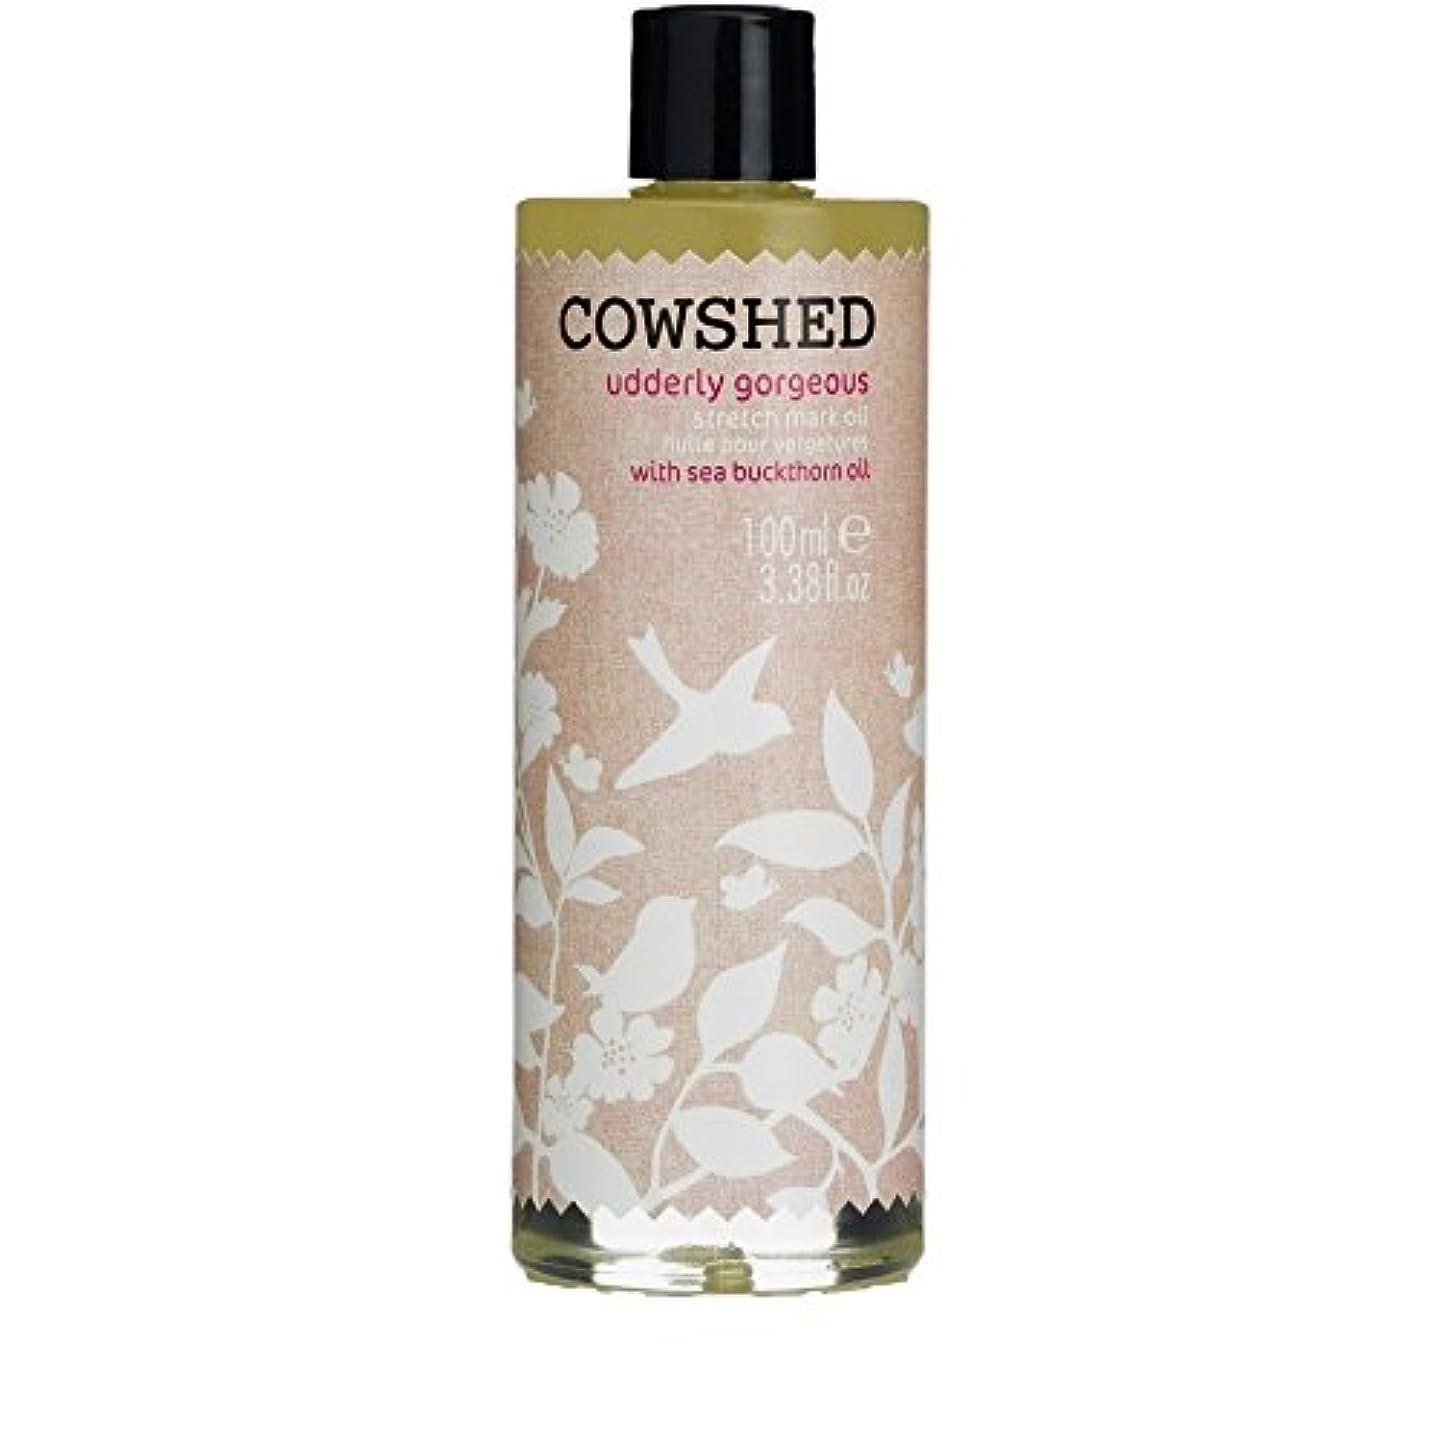 スクラップブック切るシリーズCowshed Udderly Gorgeous Stretch Mark Oil 100ml - 牛舎ゴージャスなストレッチマークオイル100ミリリットル [並行輸入品]